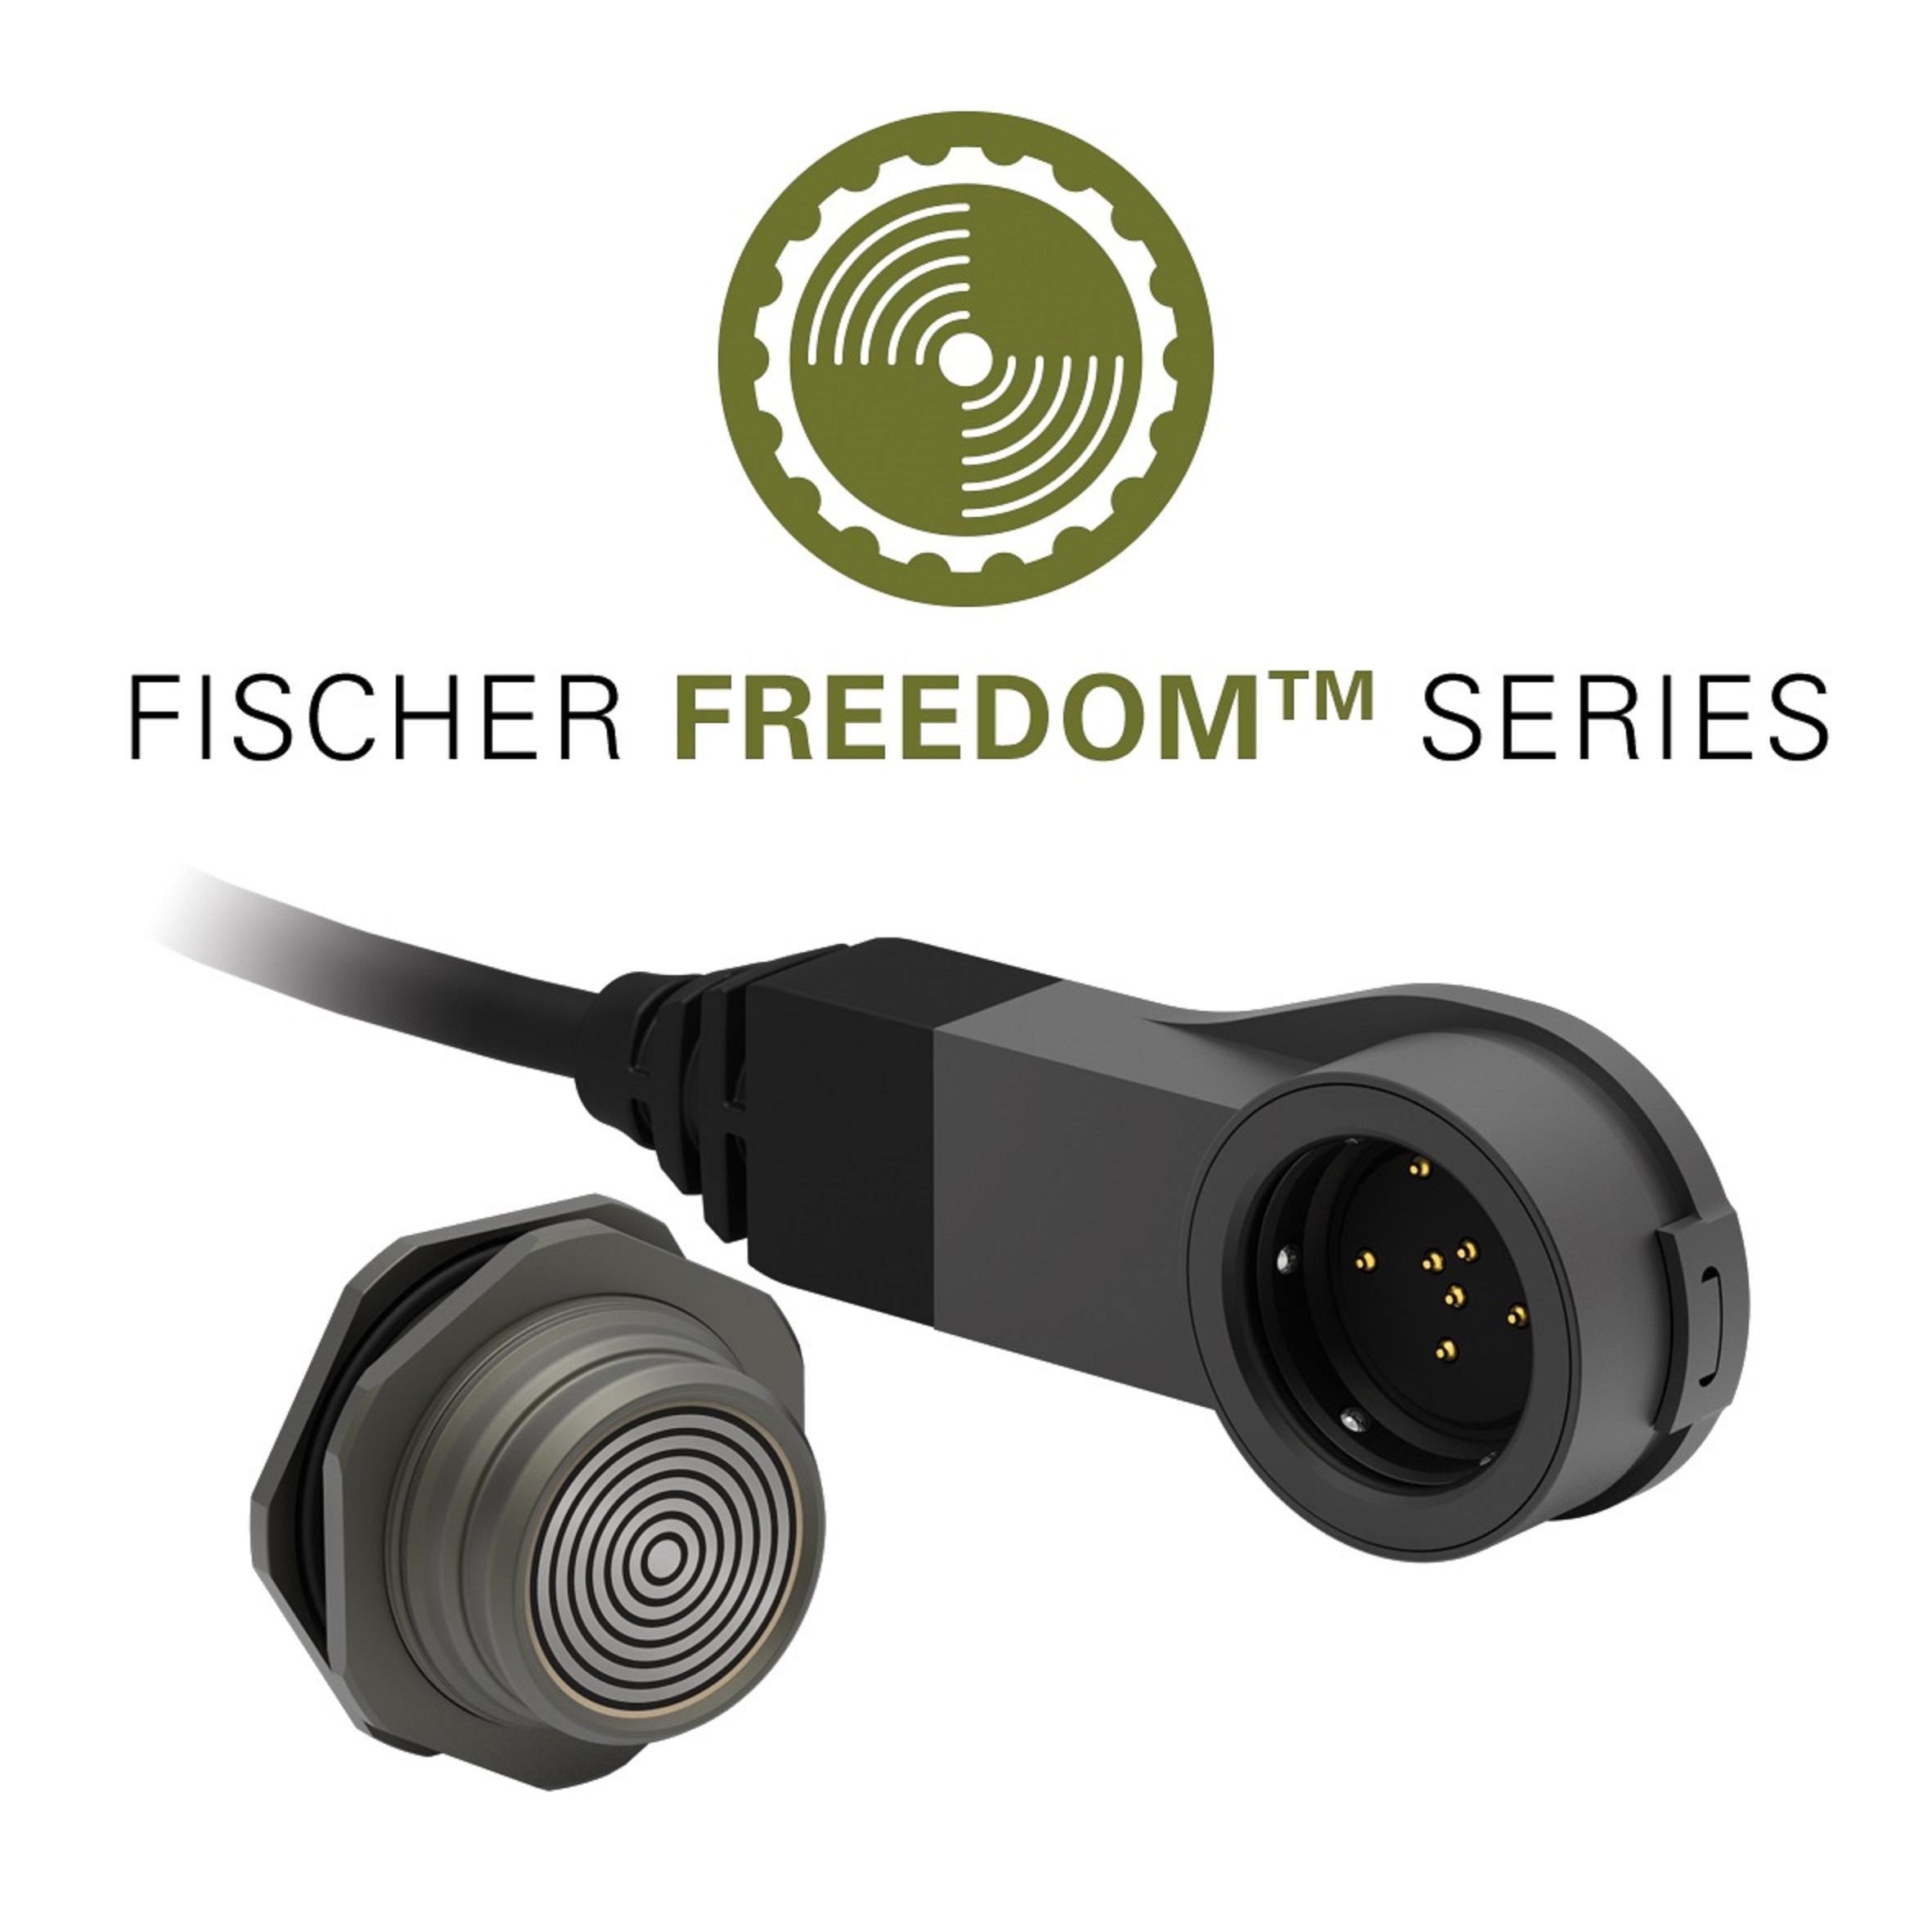 Nuevo conector Fischer LP360TM: novedad tecnológica por la conectividad